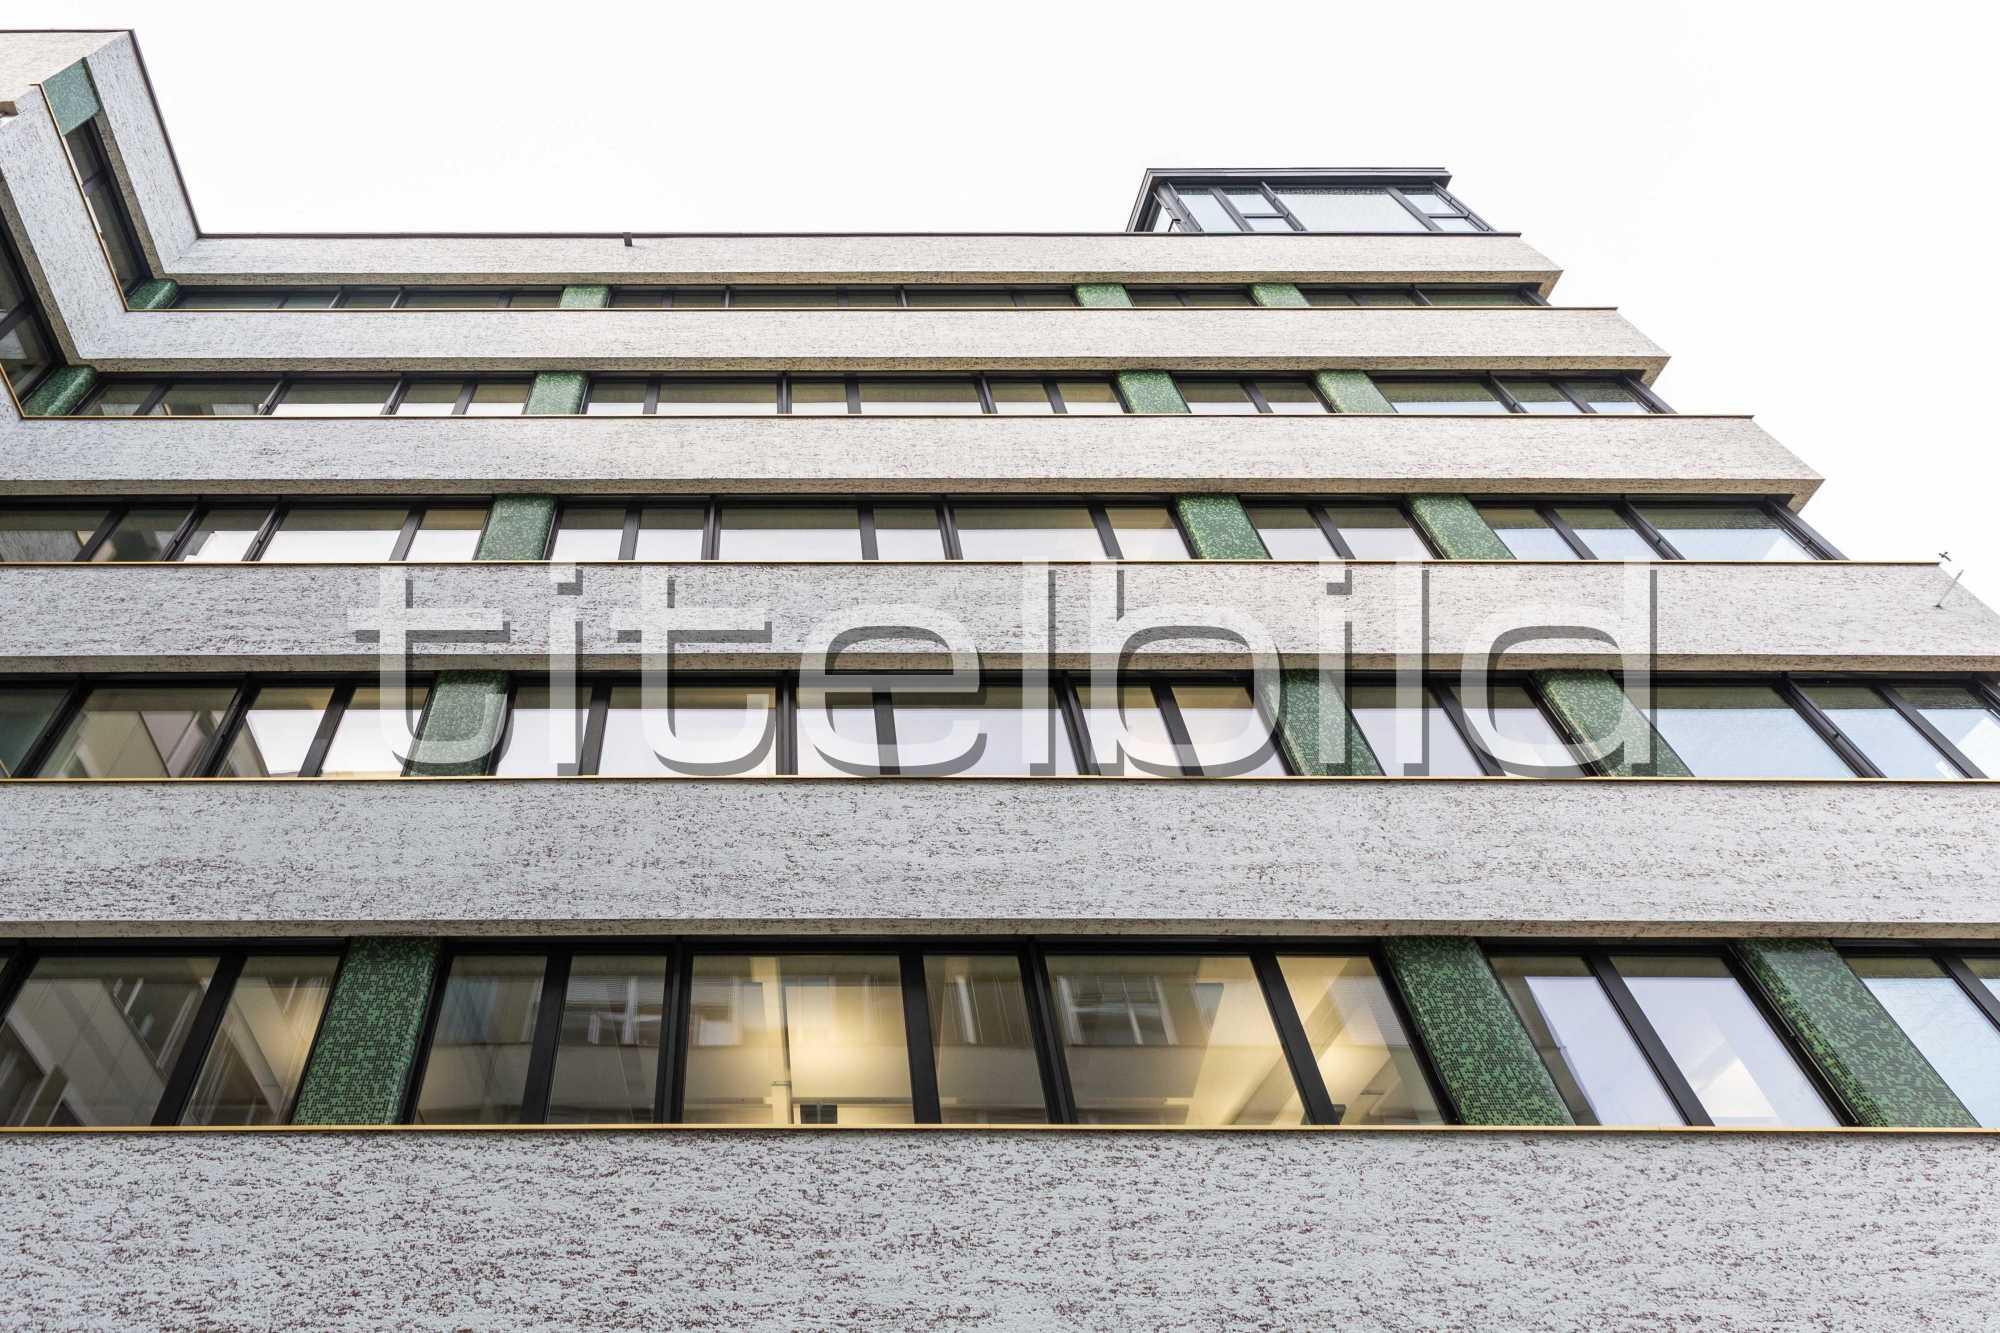 Projektbild-Nr. 2: Sanierung Geschäftshaus Hohlstrasse 612, 8048 Zürich